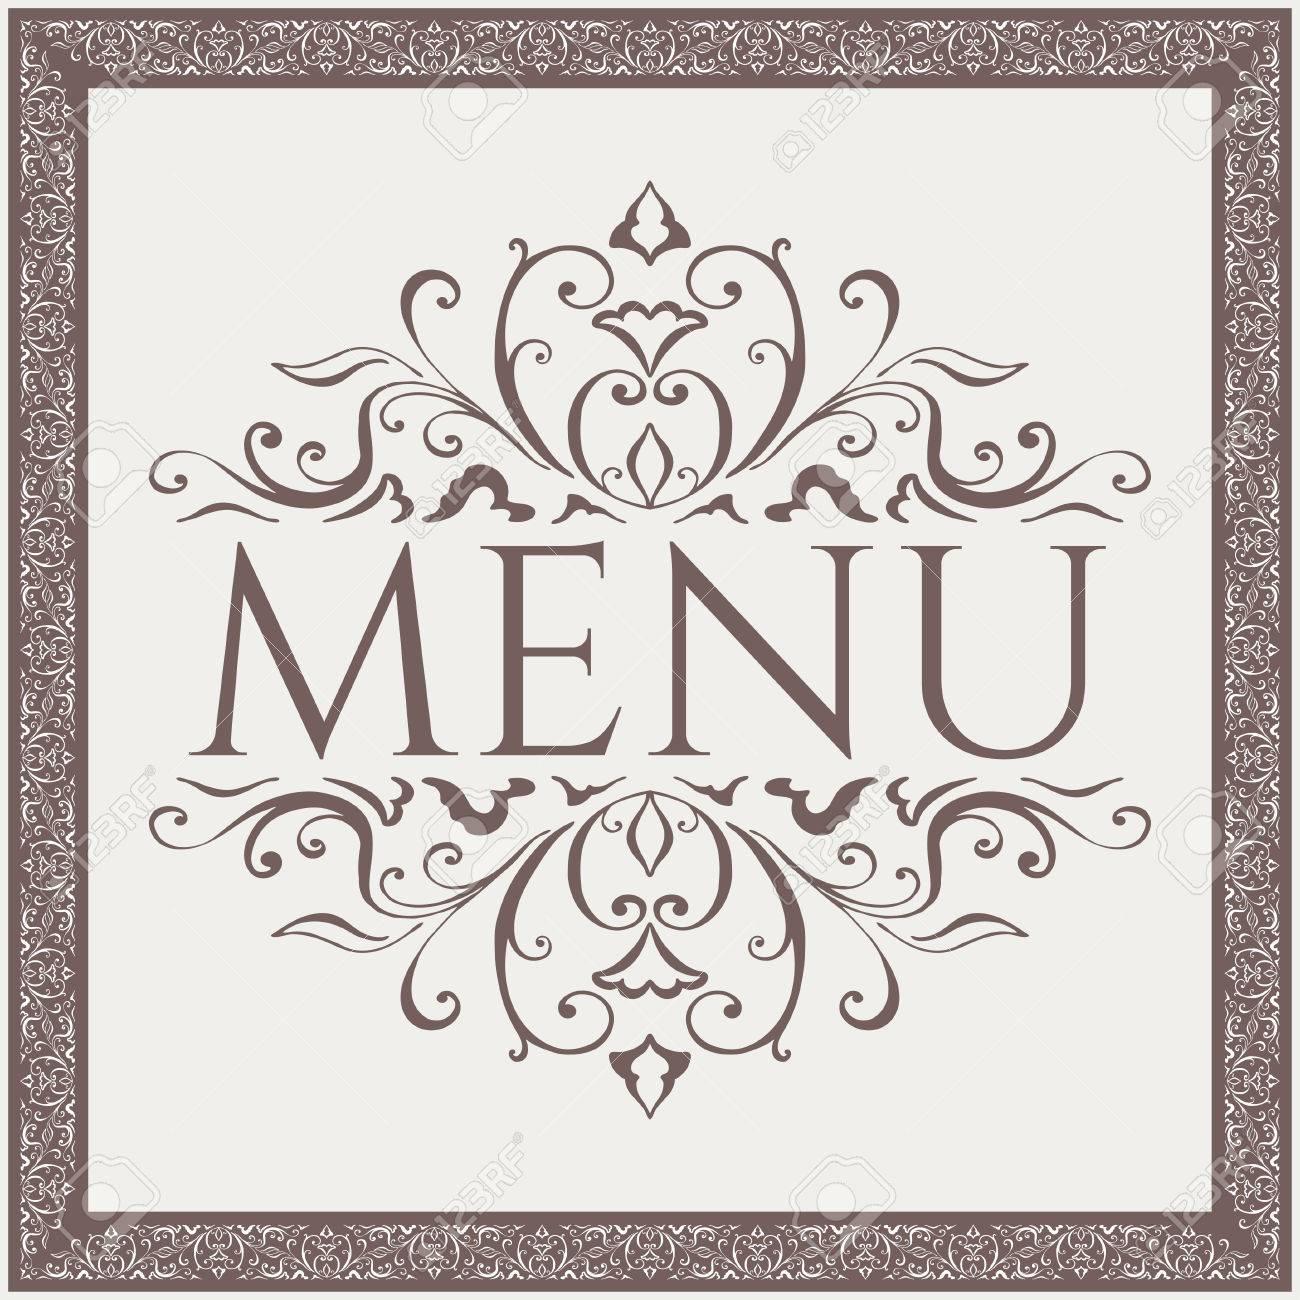 パターンの美しさとエレガントなレストラン メニュー デザイン ベクトル